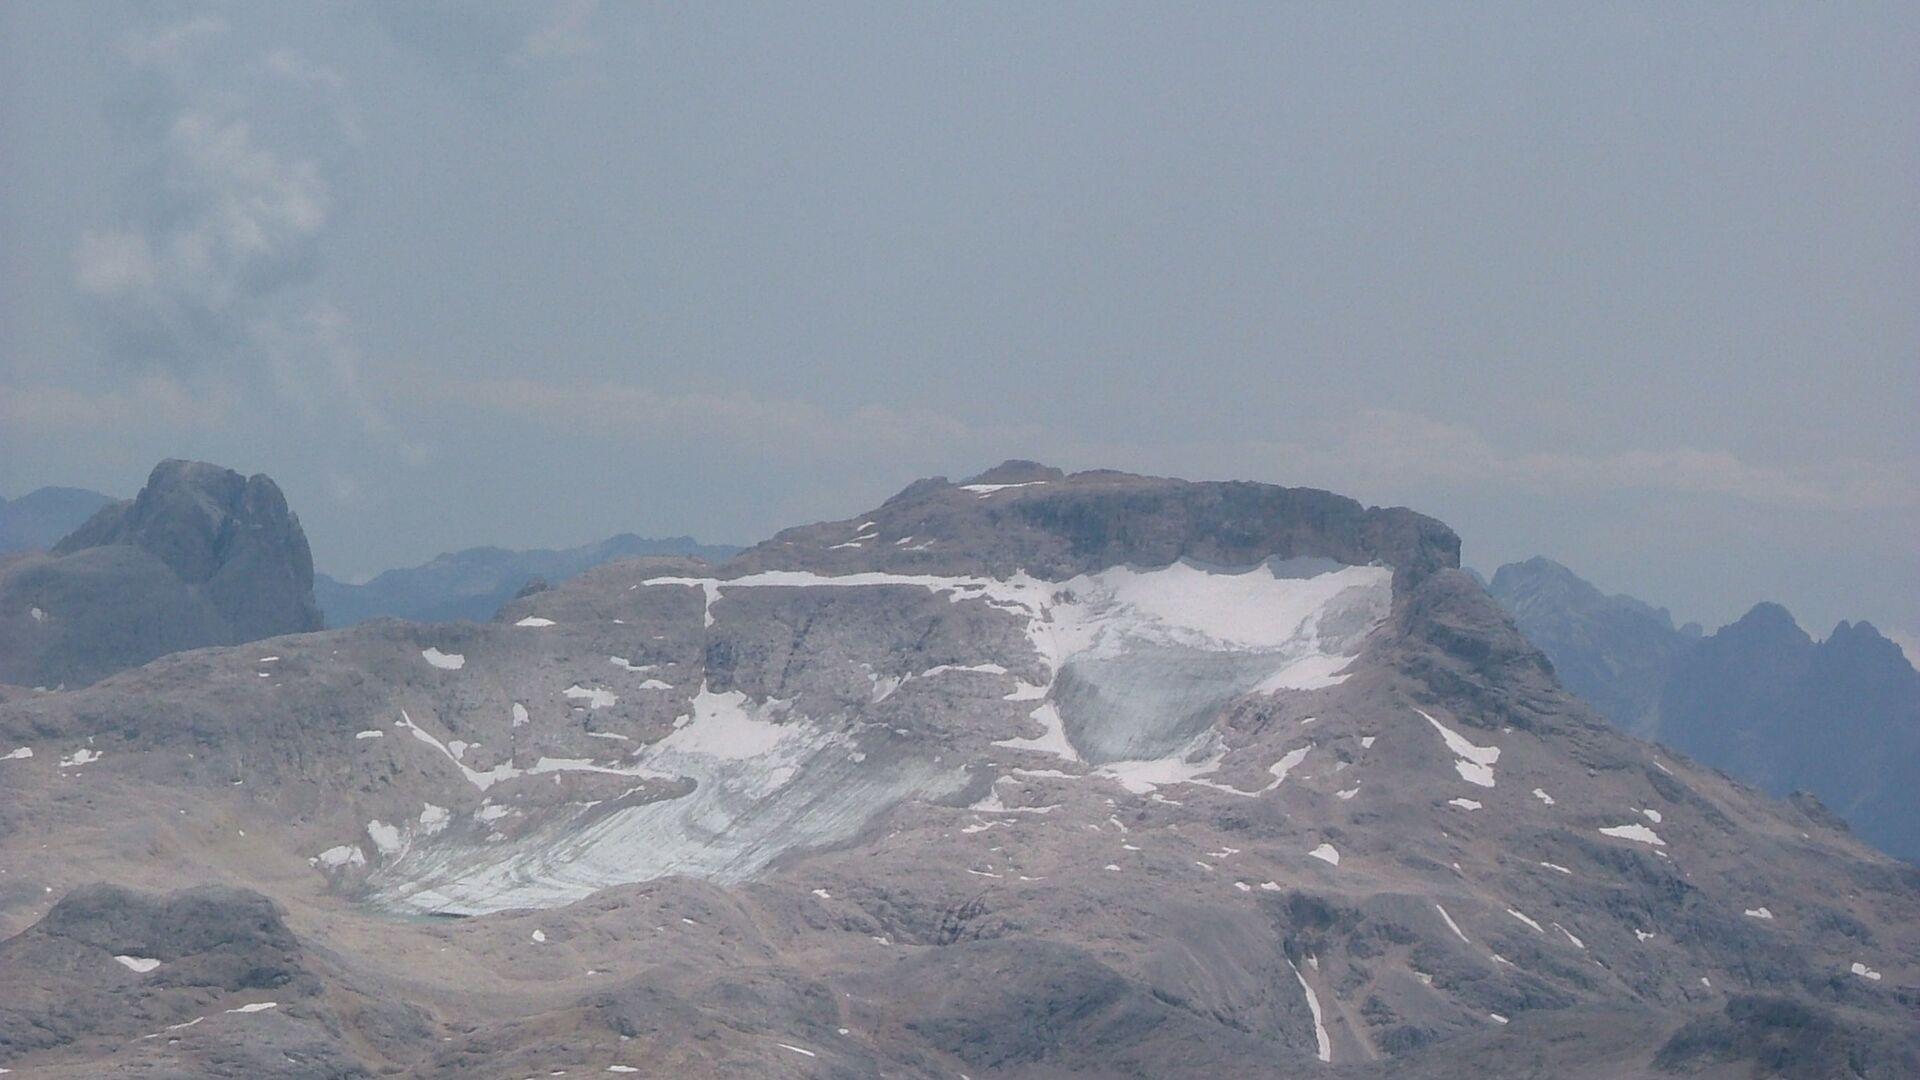 Il ghiacciaio Fradusta nelle Pale di San Martino, nelle Dolomiti - Sputnik Italia, 1920, 26.08.2021